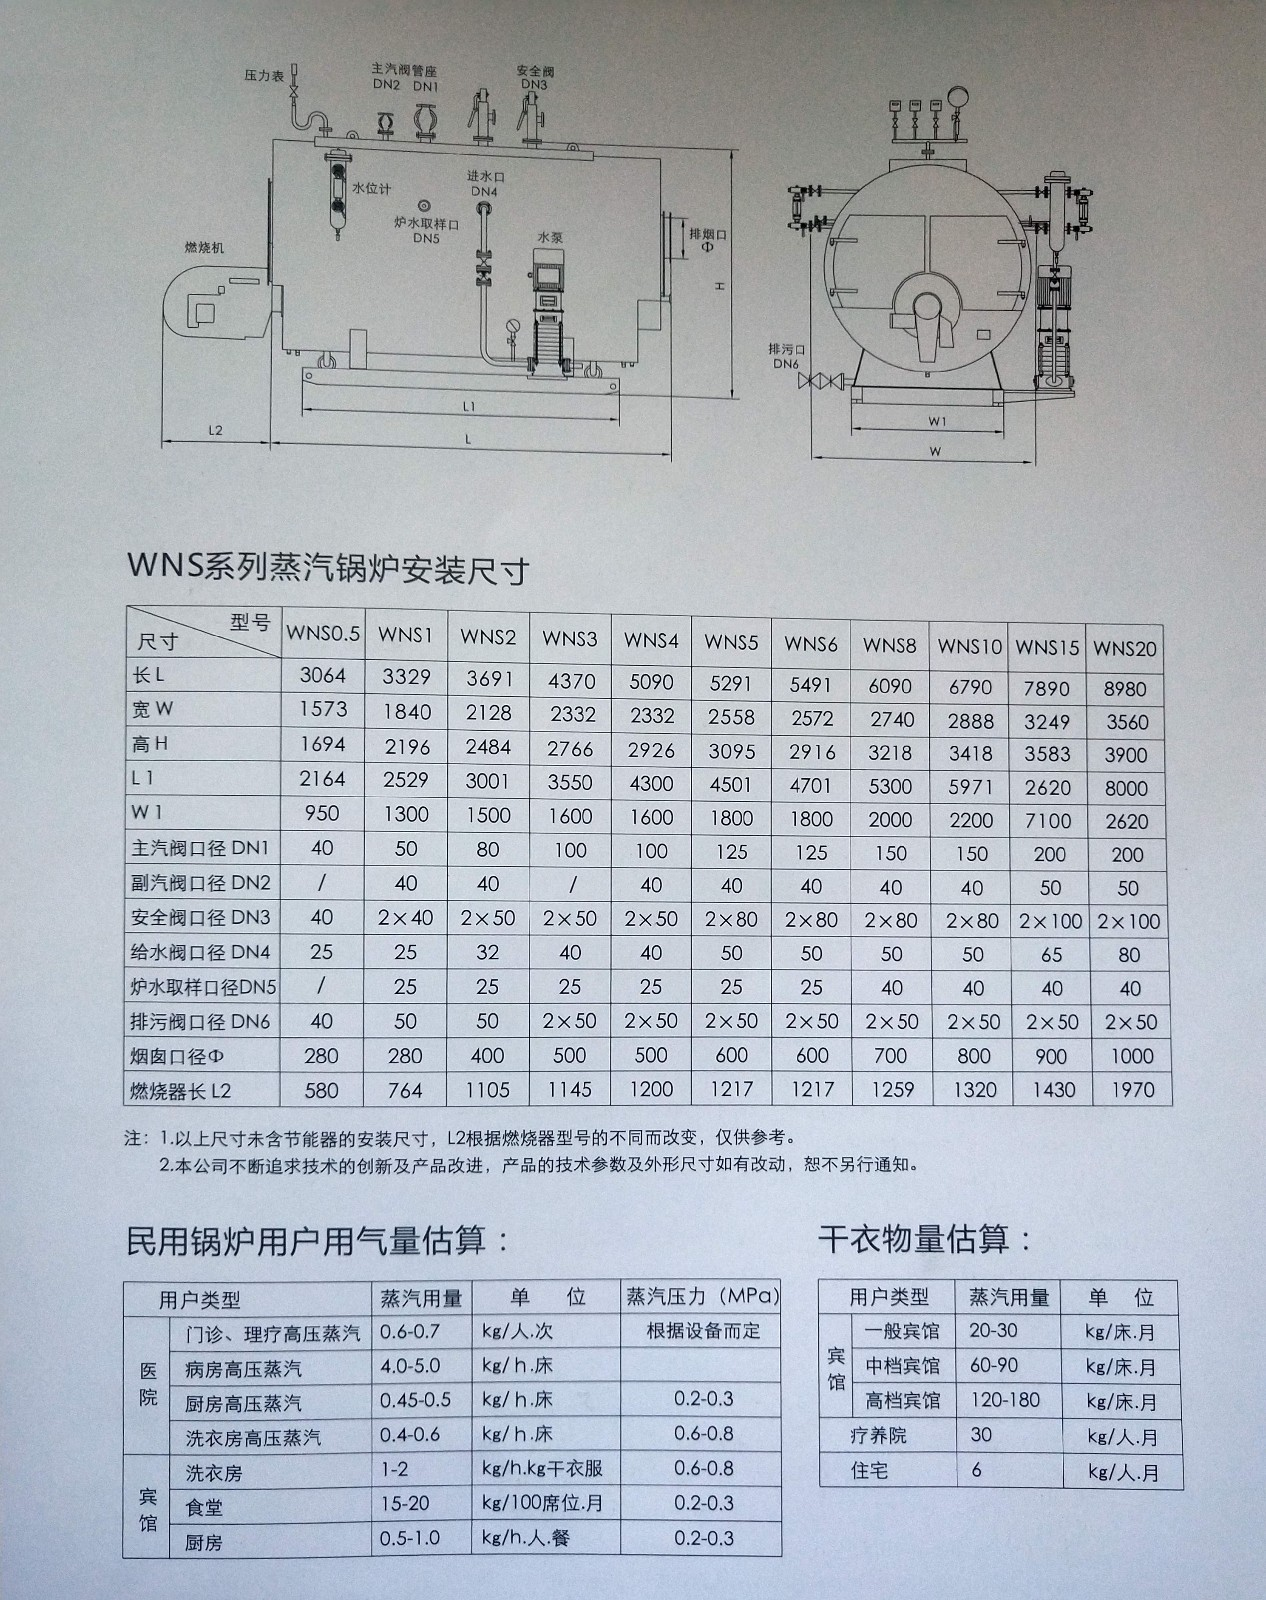 WNS系列热水锅炉|WNS系列热水锅炉-秦皇岛领航暖通设备安装有限公司